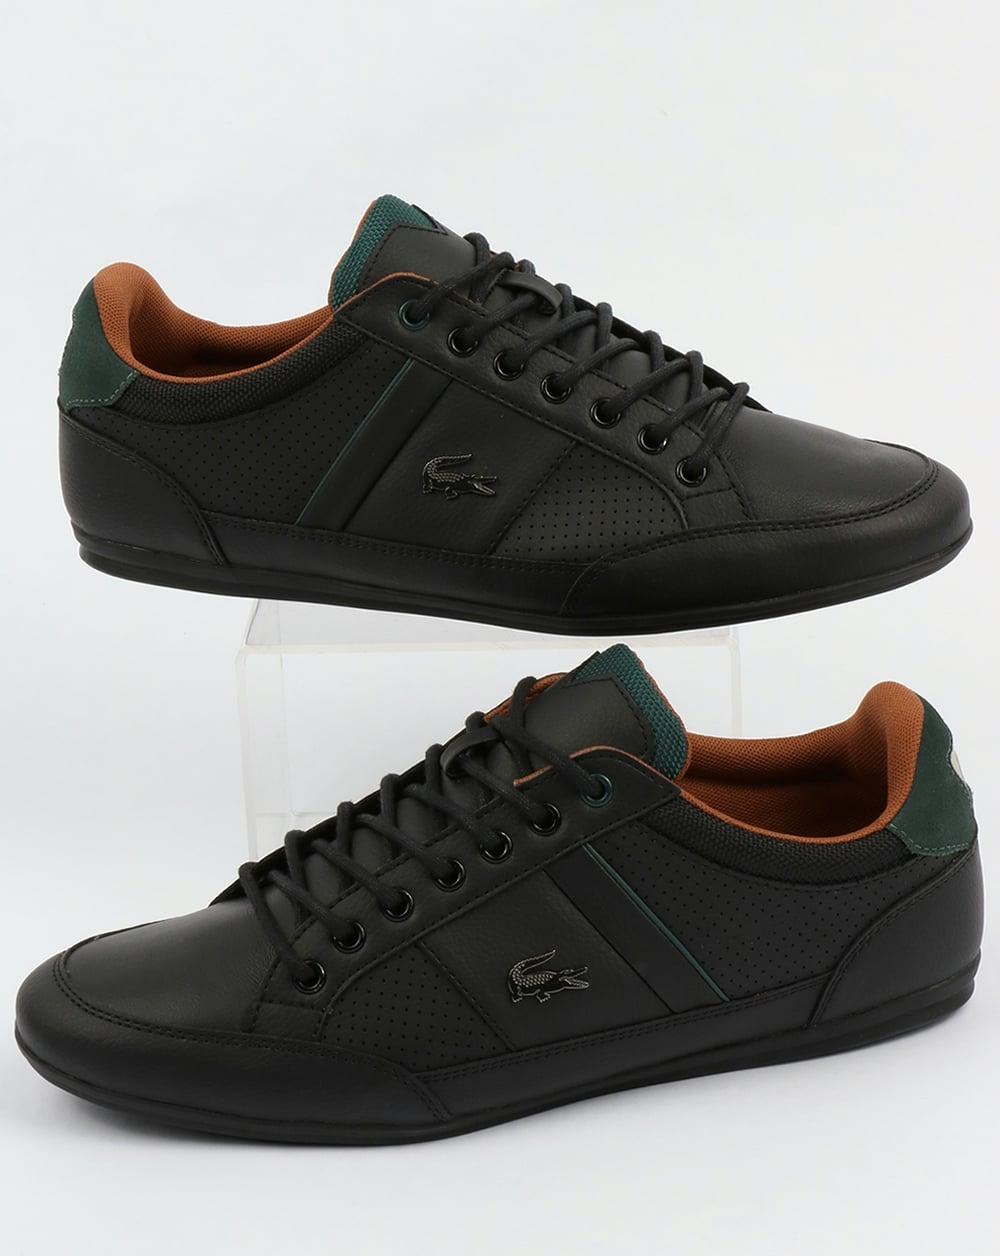 dc5173b70ad1 Lacoste Lacoste Footwear Chaymon Trainers Black Tan